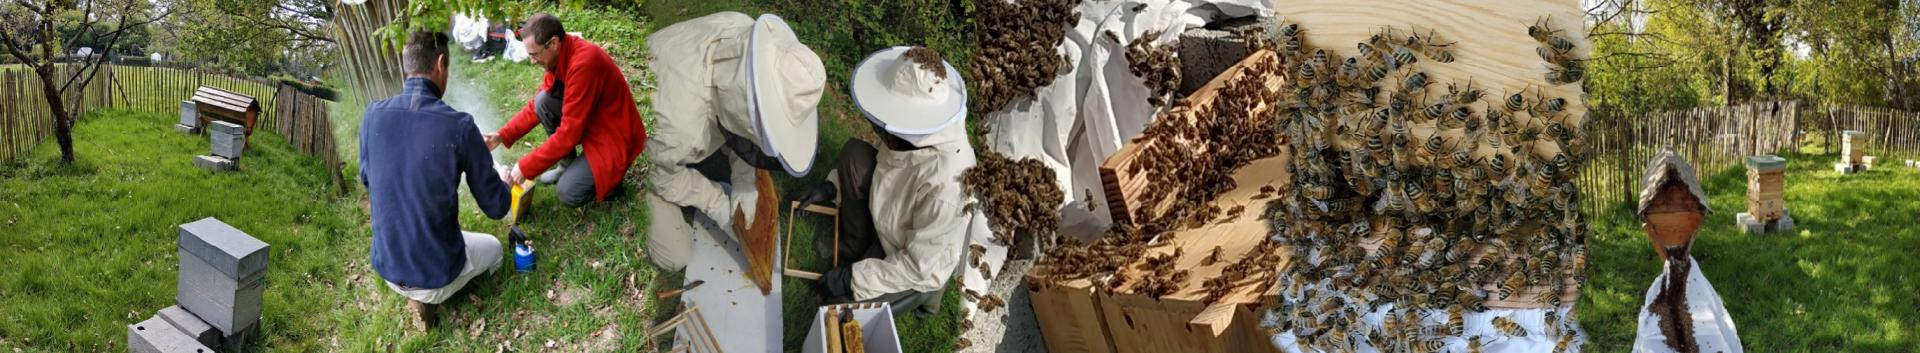 Rucher des Gayeulles: Transvasement de 3  ruchettes Dadant en ruches warré et kényane.